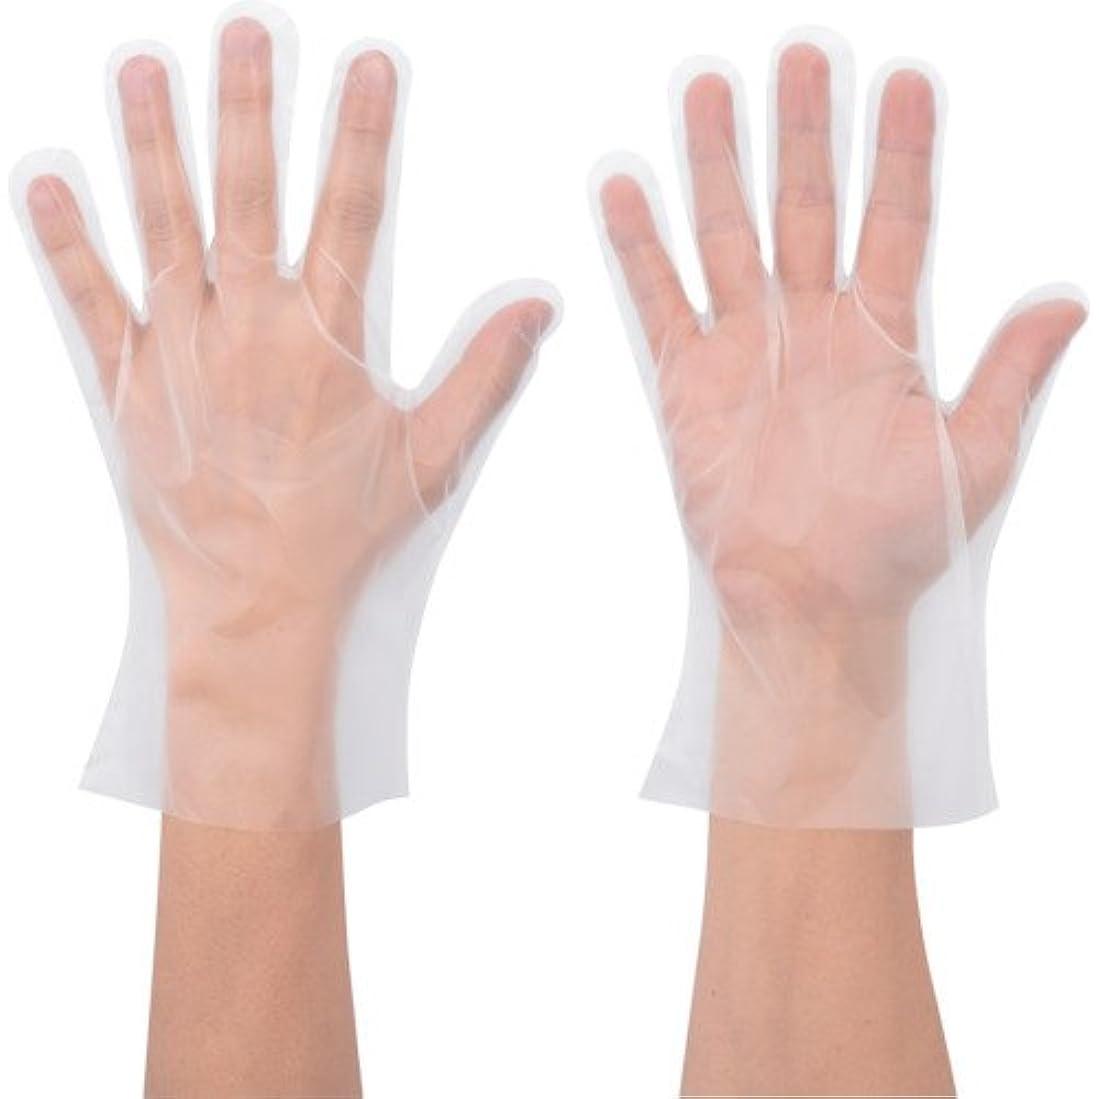 洞窟意志に反するスコアショーワ No.826 ポリエチ手袋 Mサイズ 100枚入